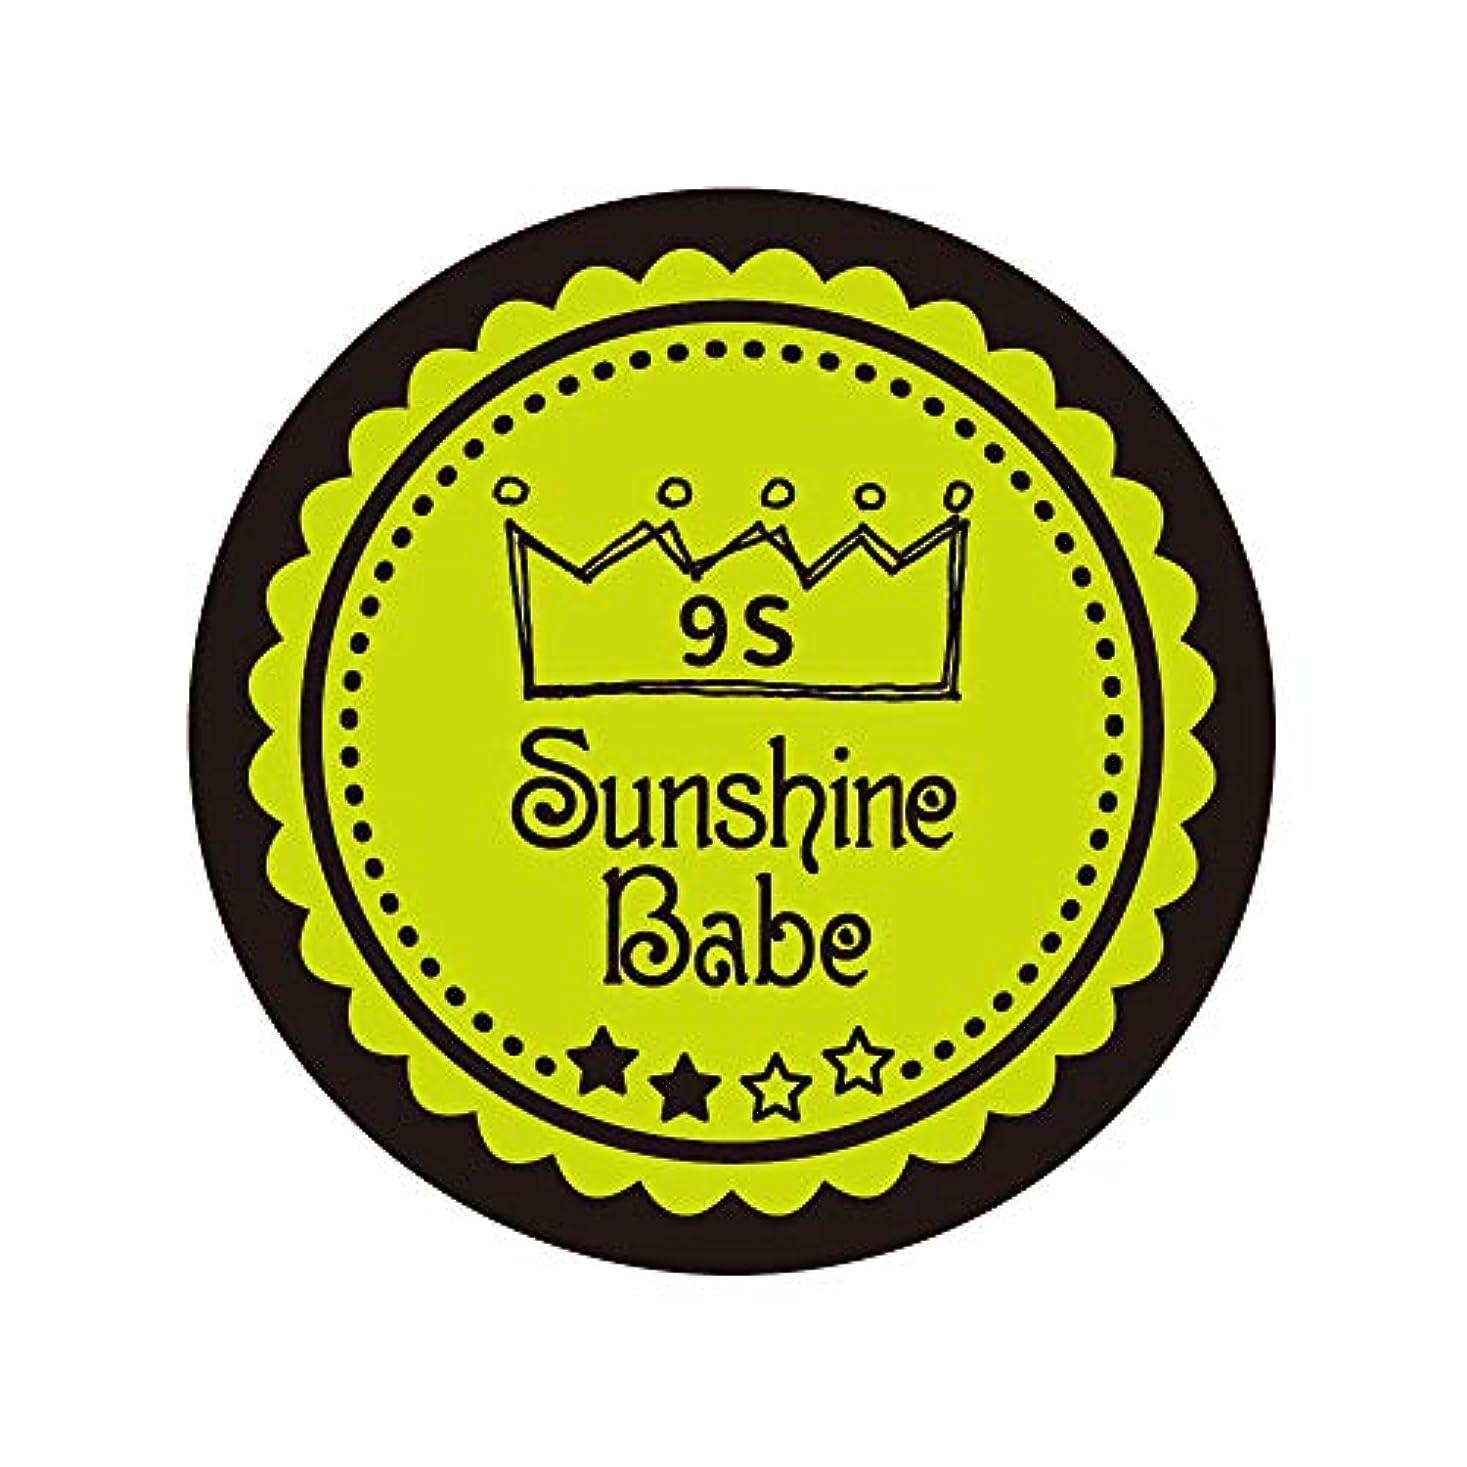 偽善証人流暢Sunshine Babe カラージェル 9S ライムパンチ 2.7g UV/LED対応